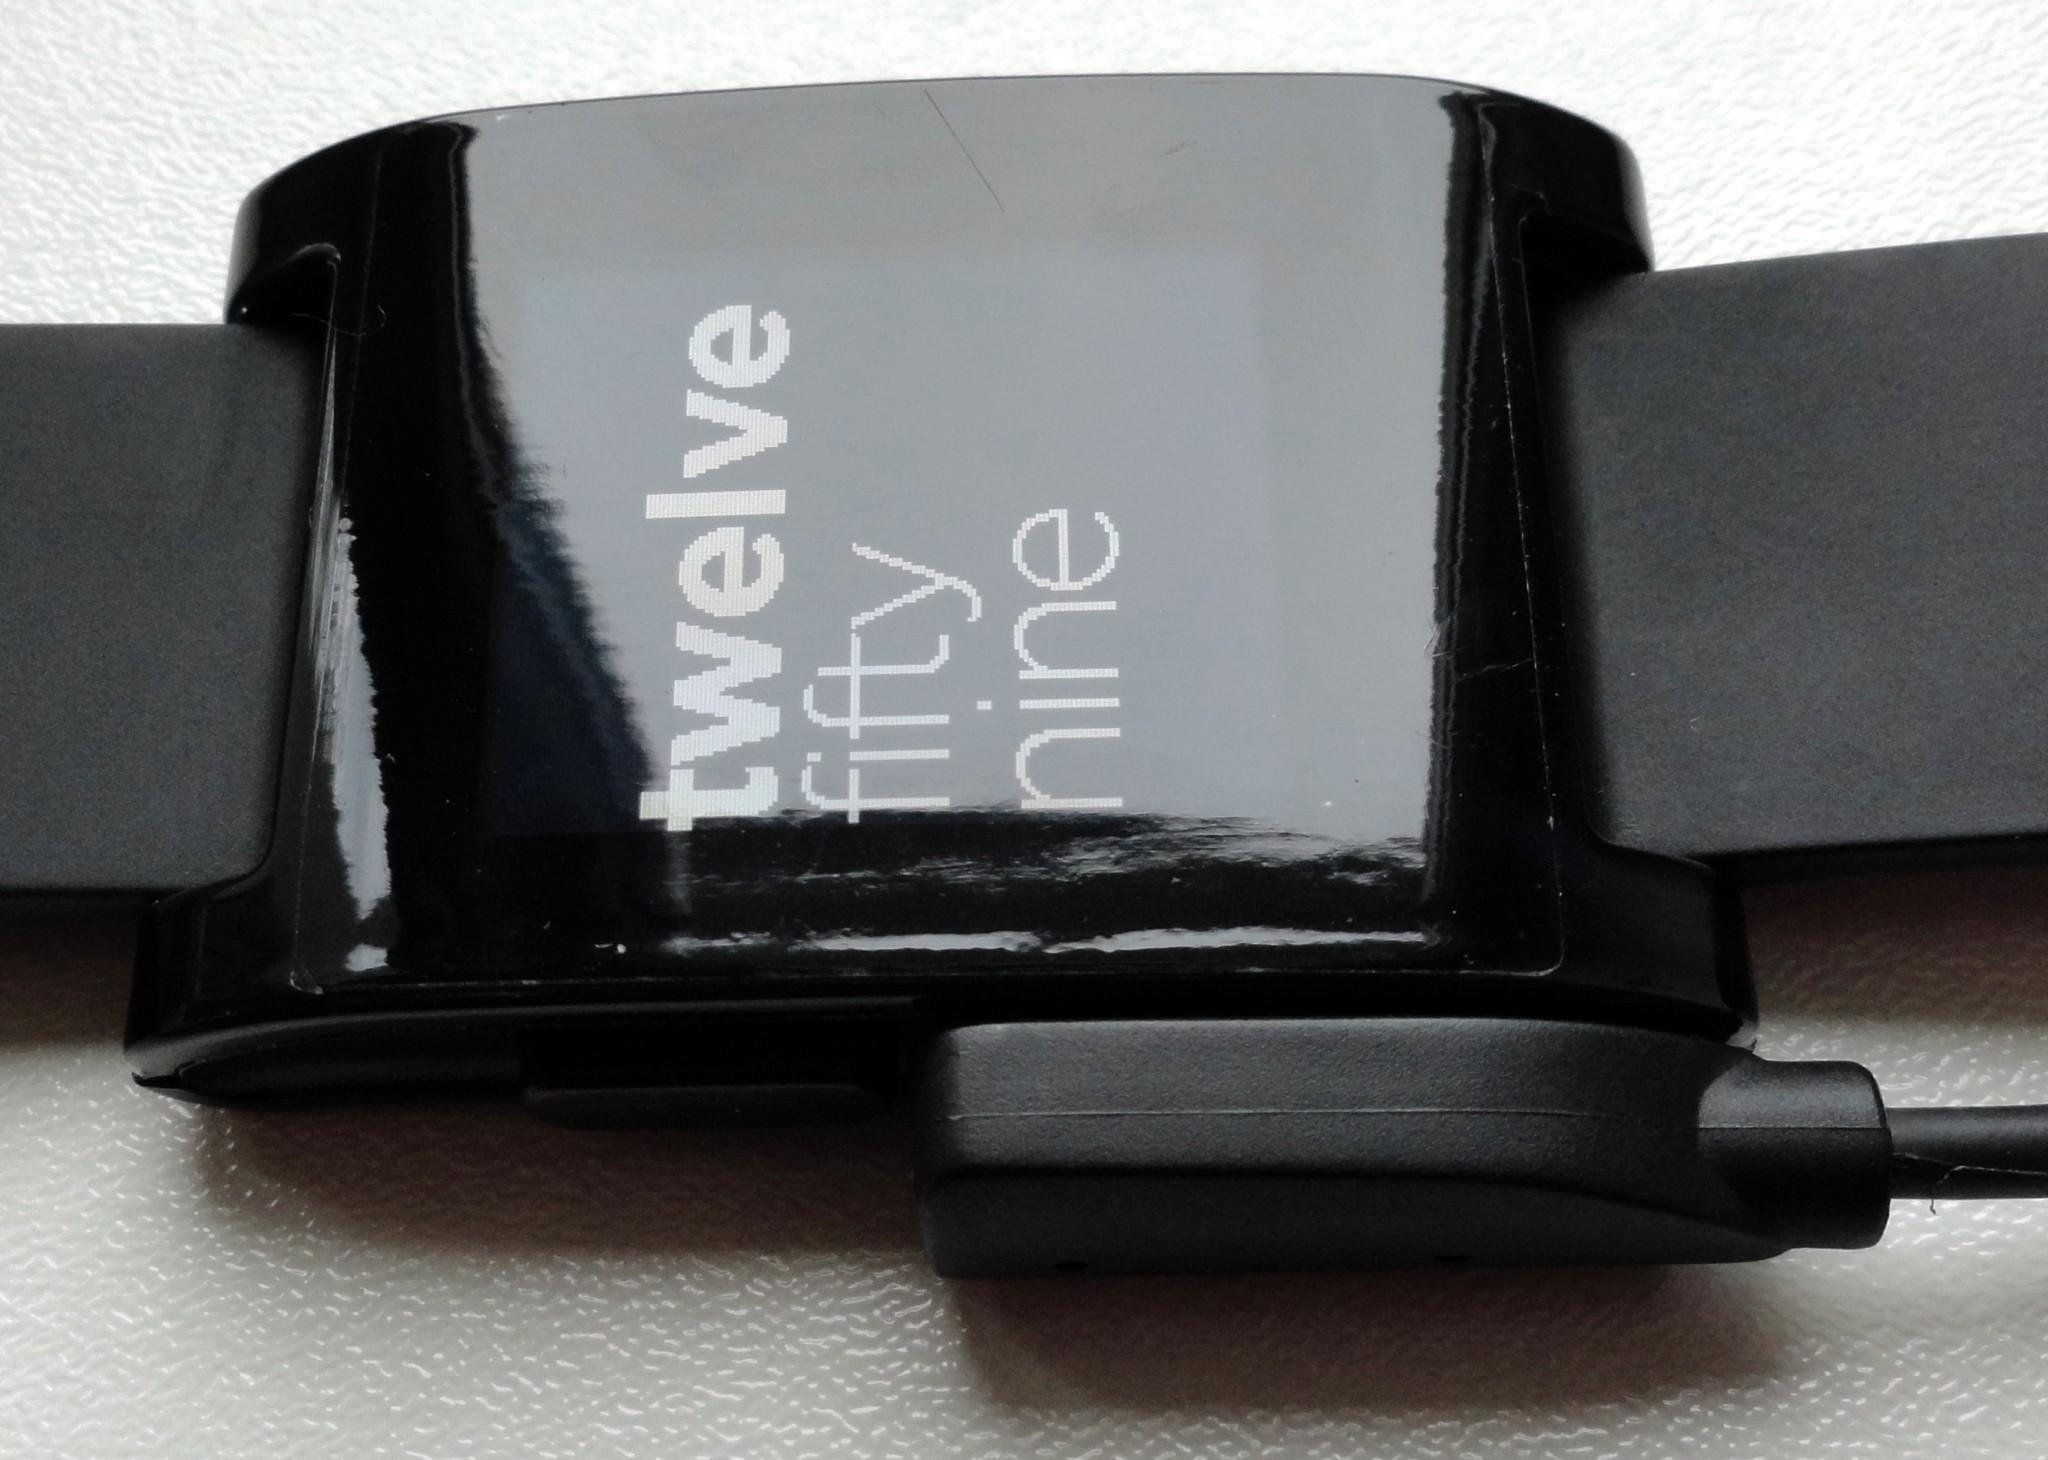 Chytré hodinky Pebble – uživatelská recenze